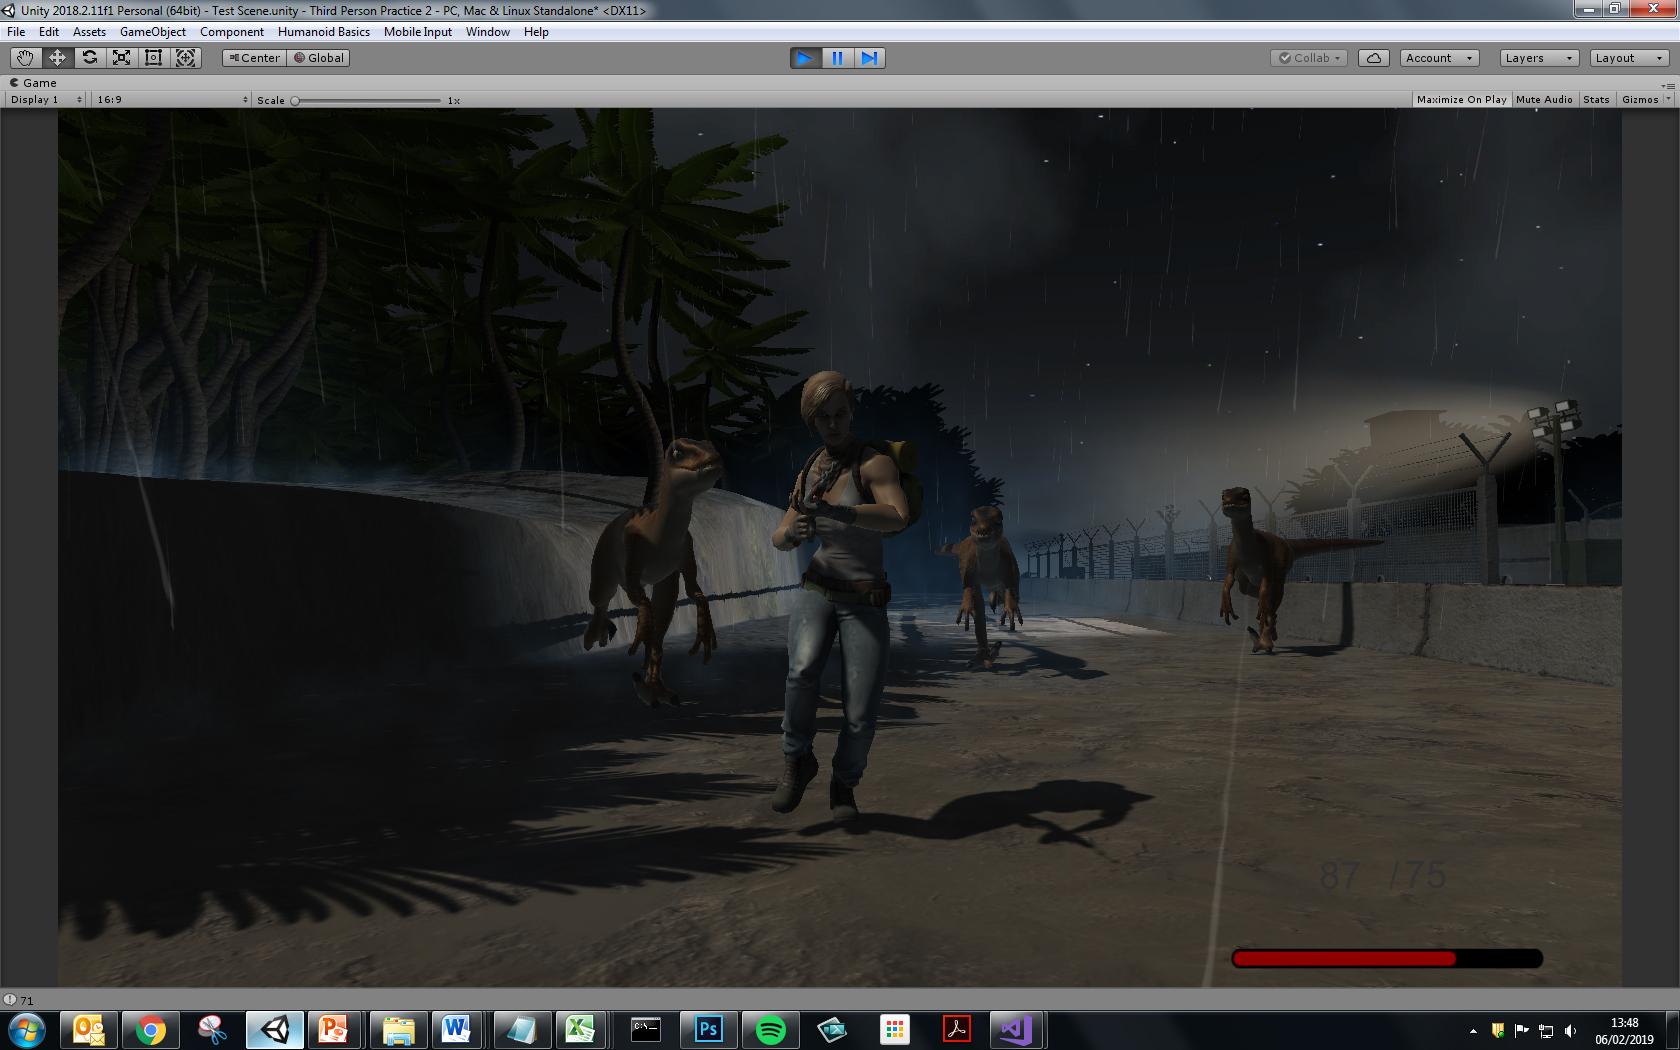 Running from Raptors.jpg